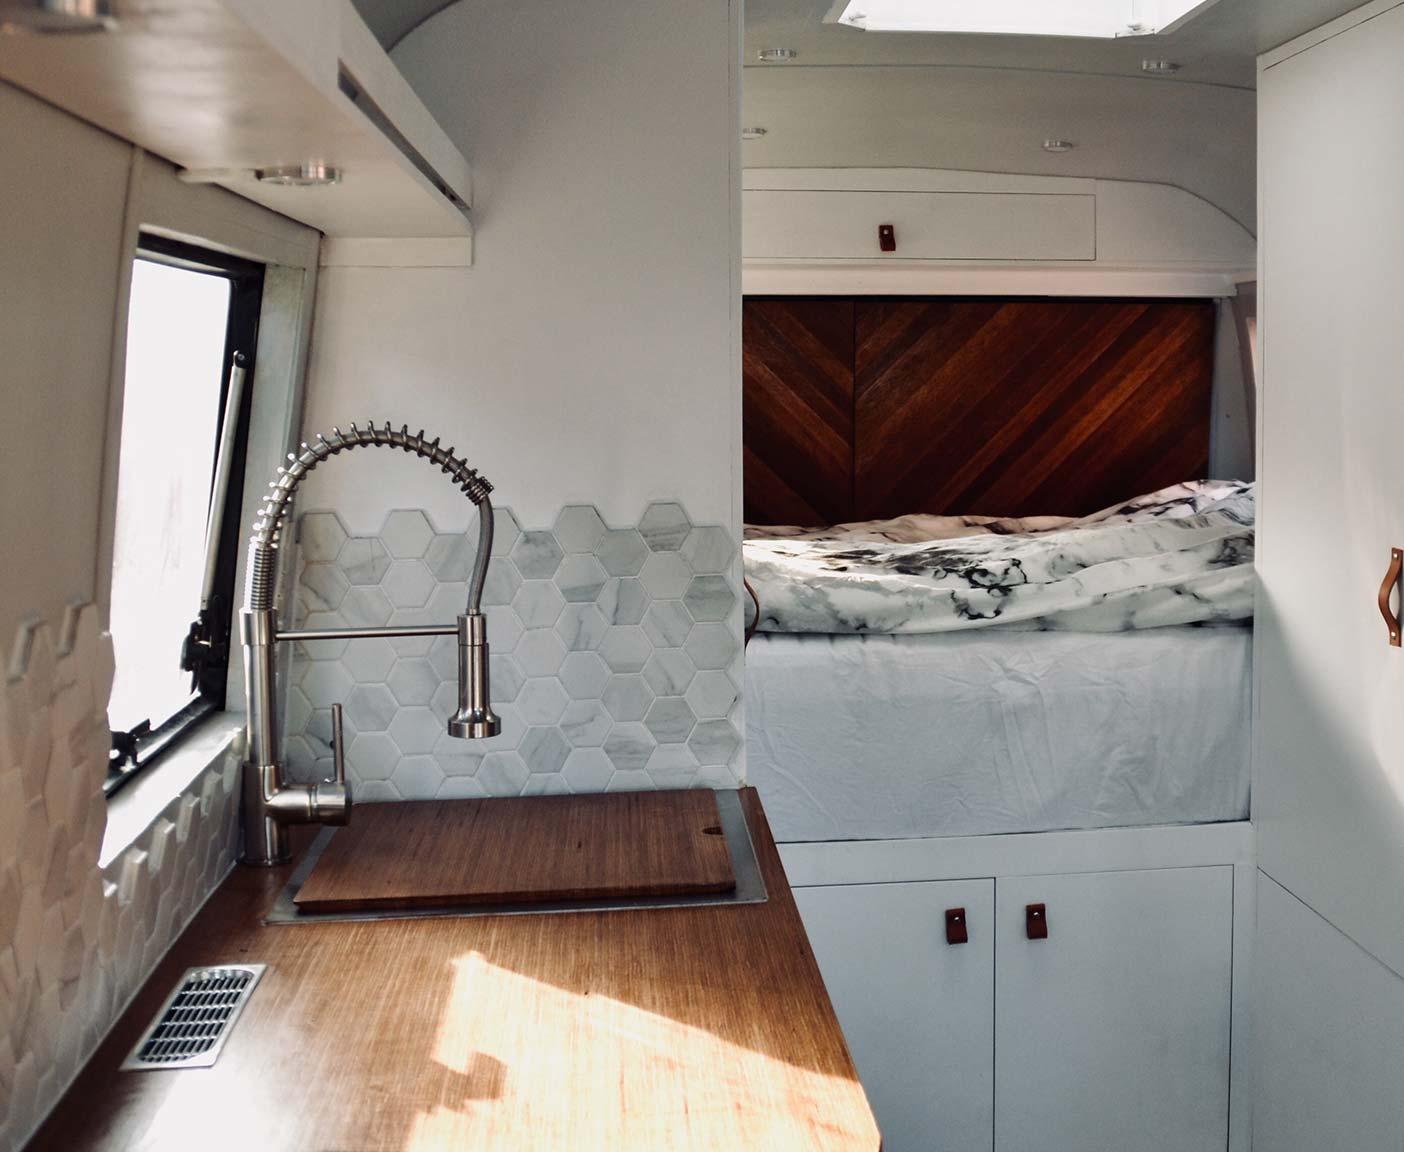 mercedes-407d-wohnmobil-gebraucht-vario-kaufen-basis-benz-14